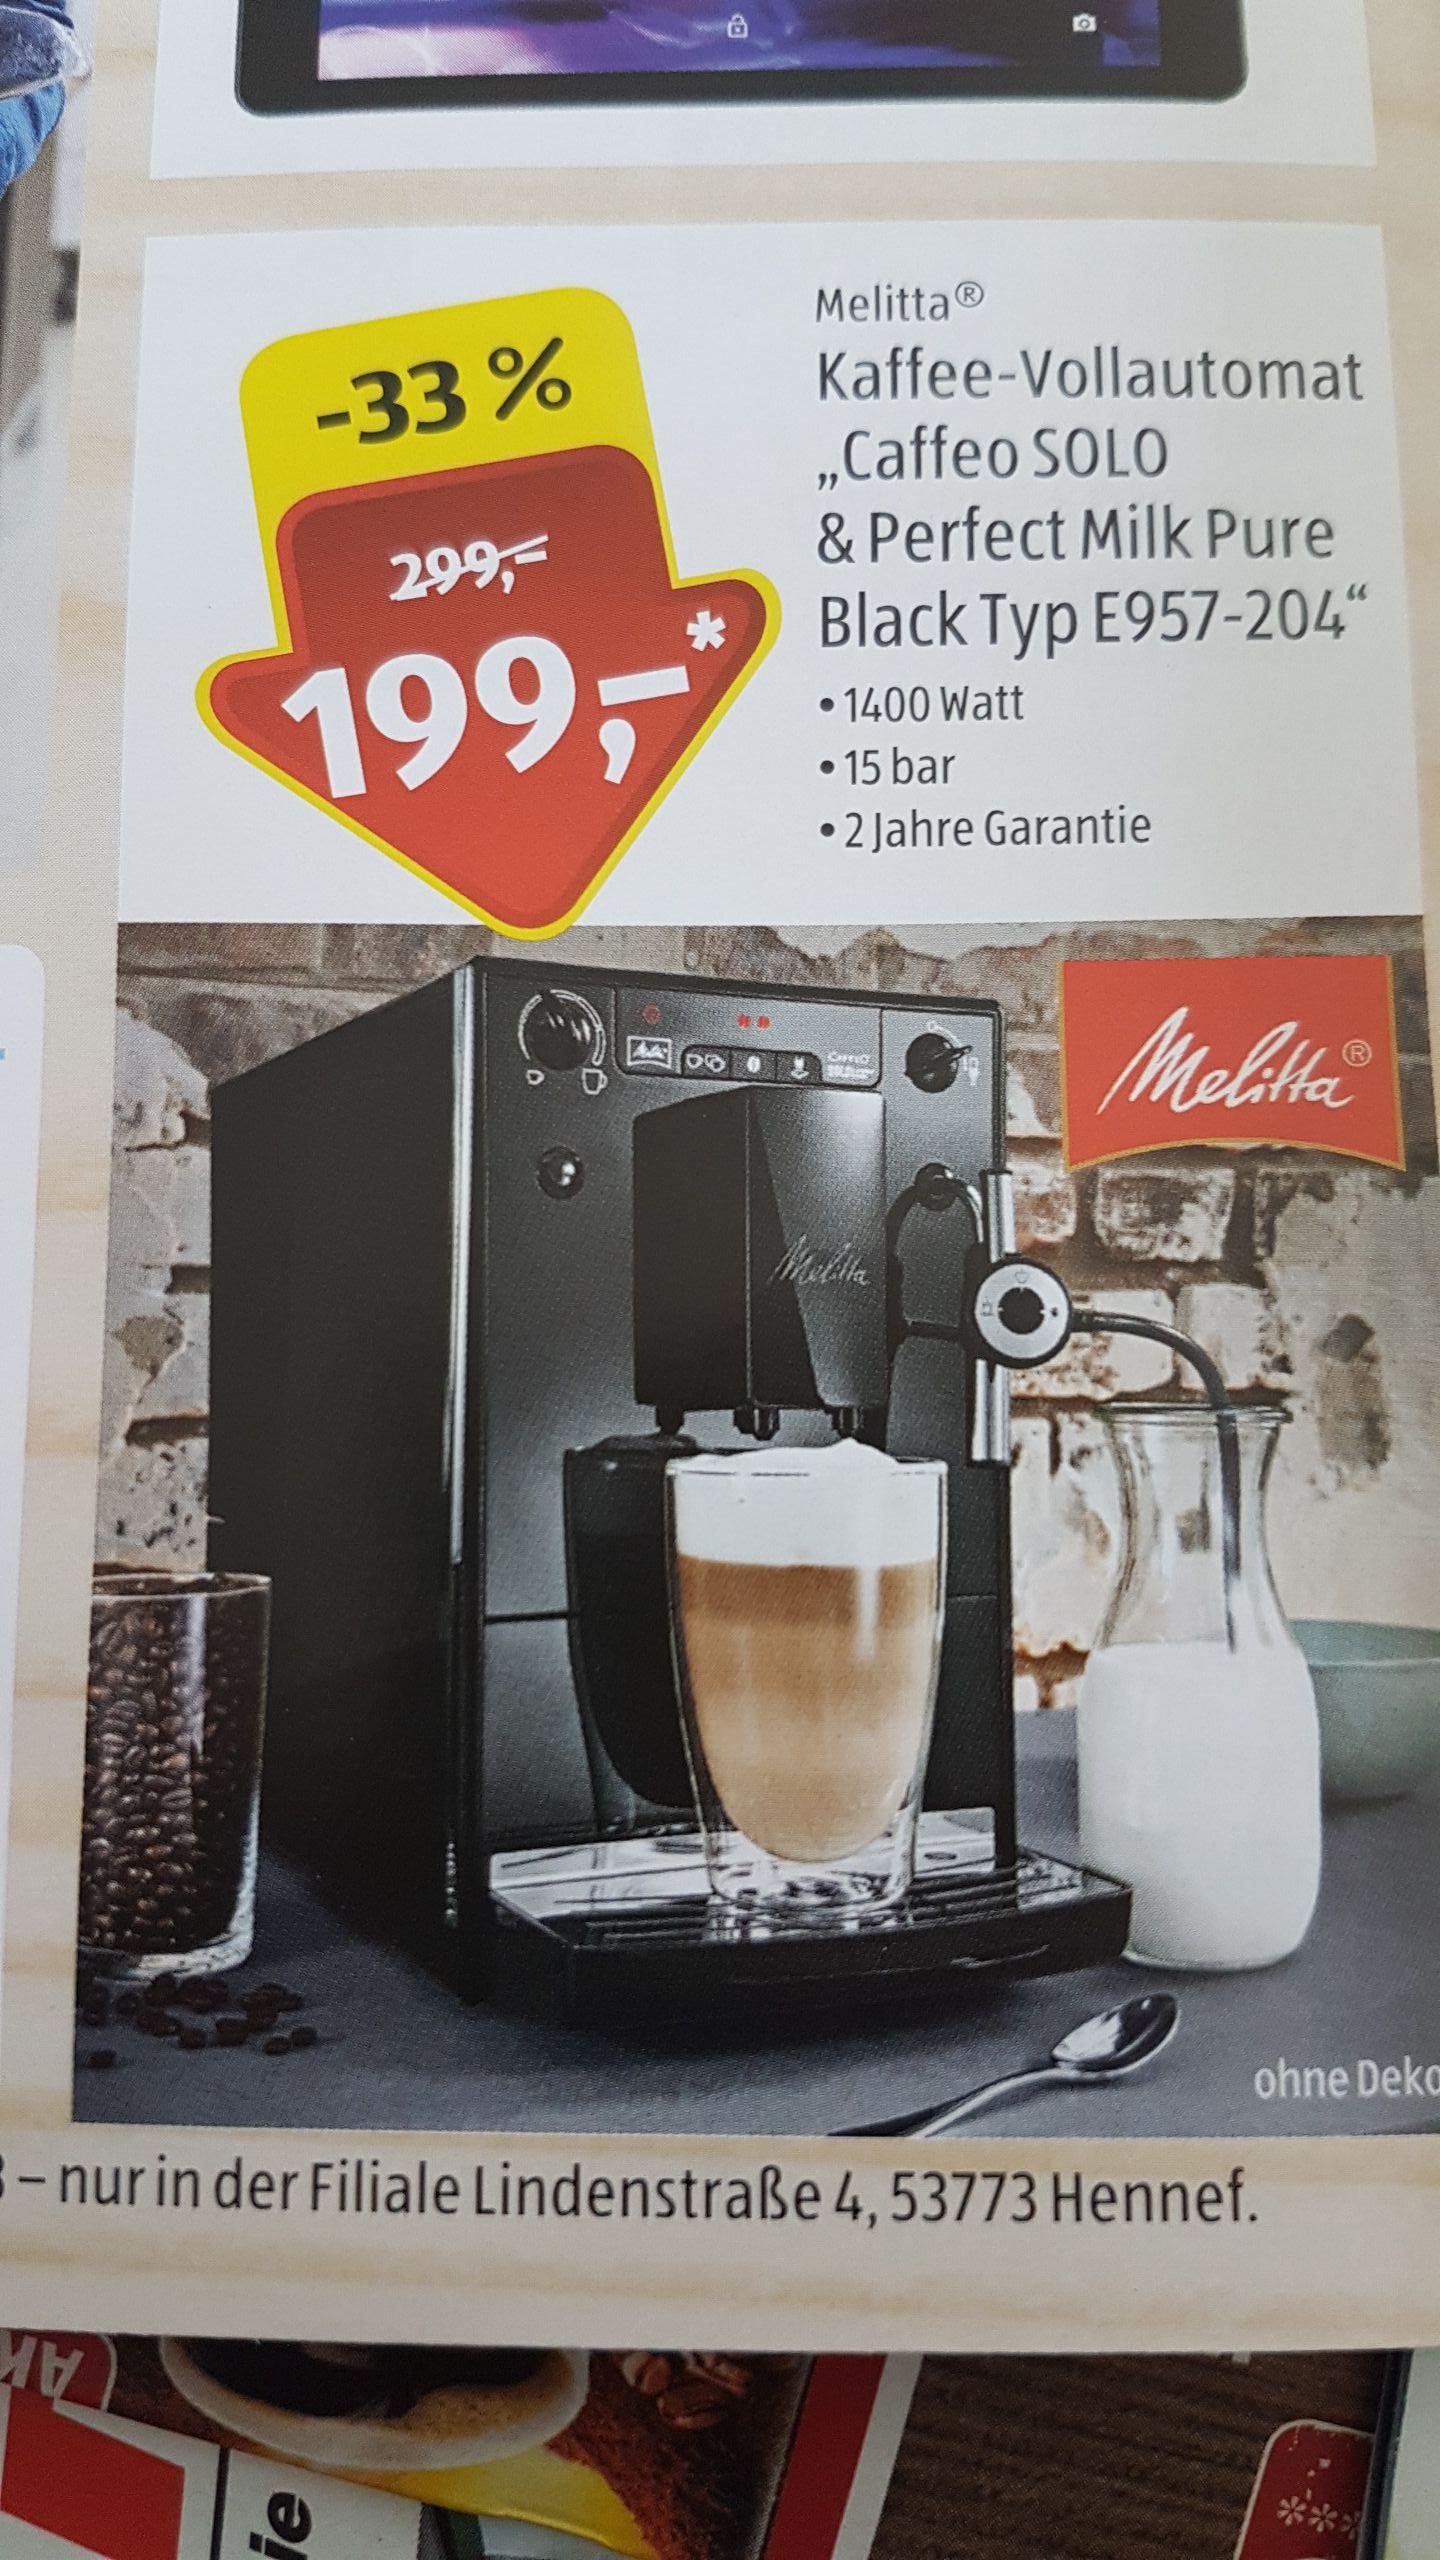 Melitta Caffeo SOLO & Perfect Milk Pure Black Typ E957-204 [LOKAL]